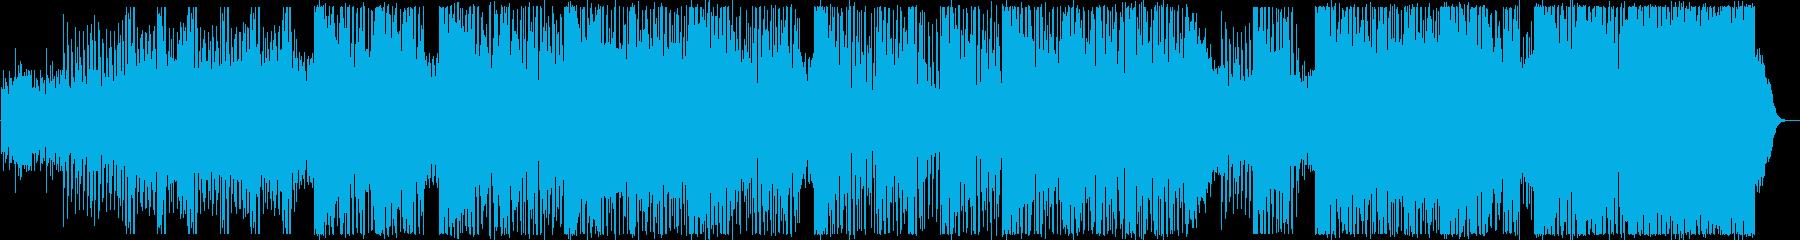 ダークでエッジの効いたシンセとサン...の再生済みの波形